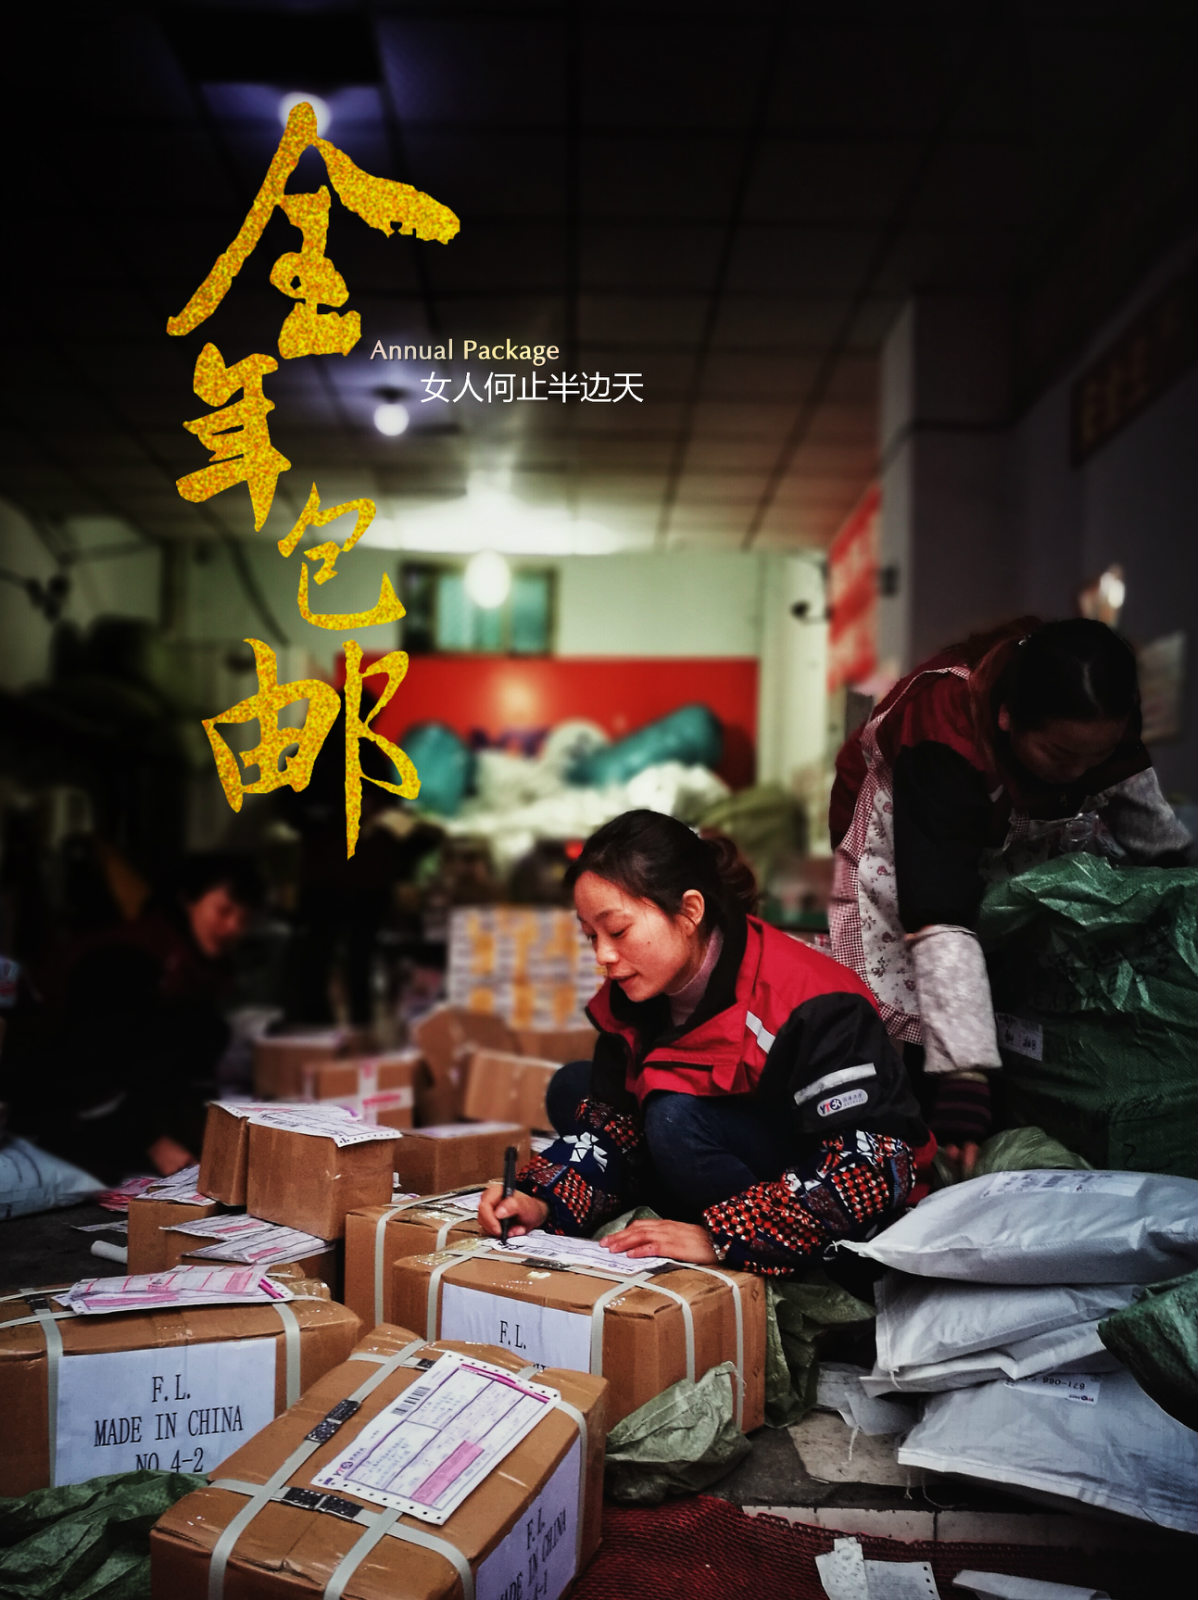 《全年包邮2》海报_meitu_3